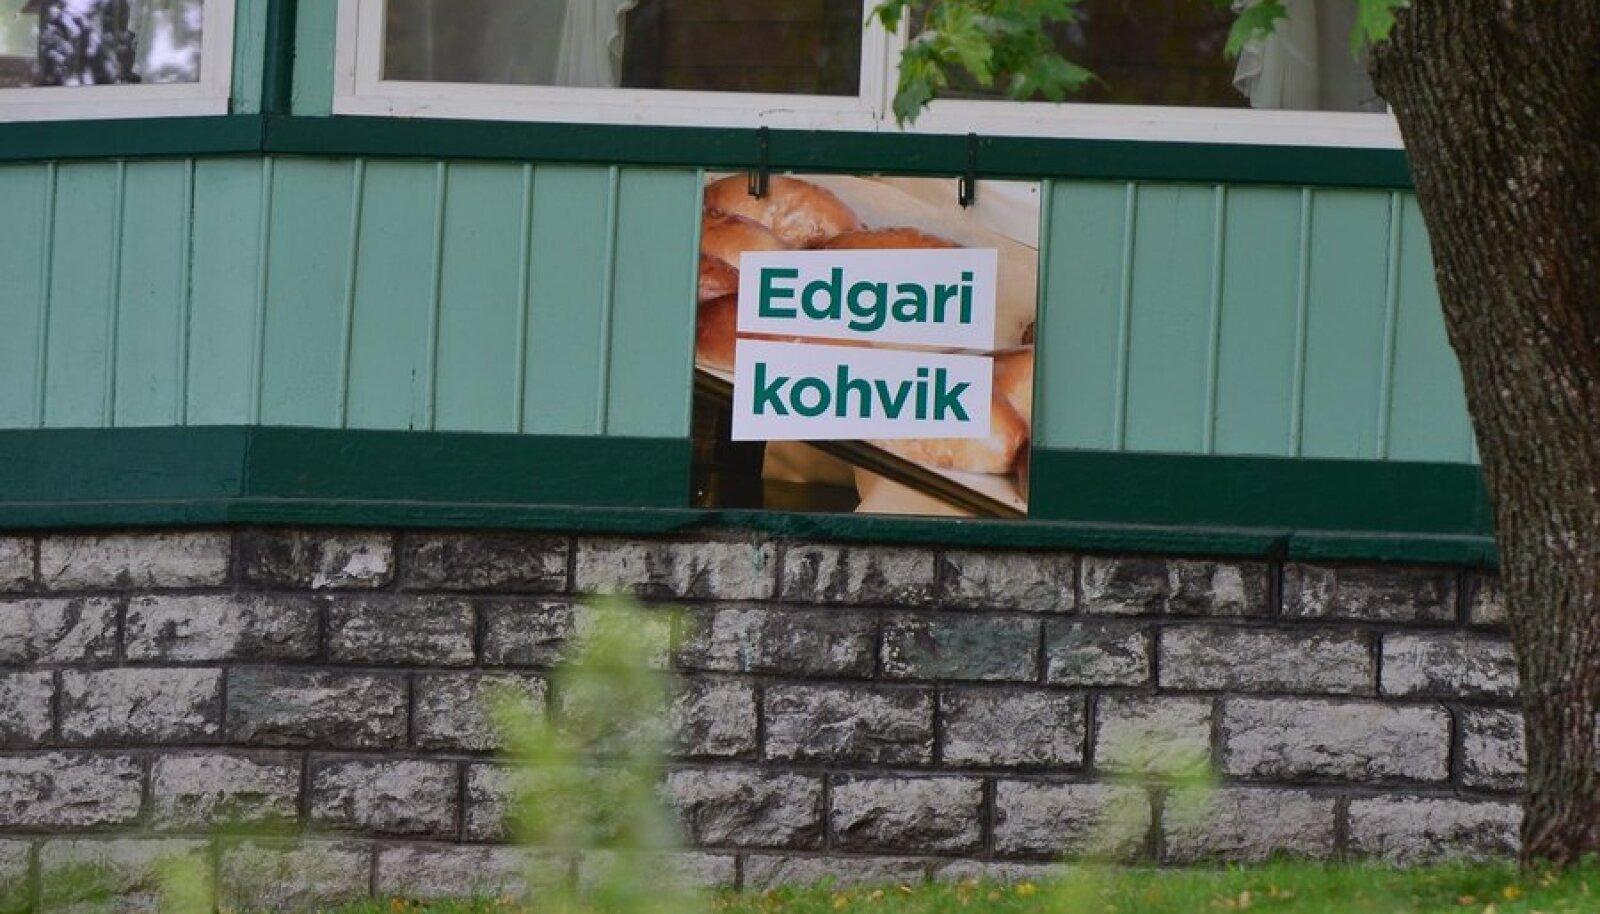 Edgari kohviku reklaam